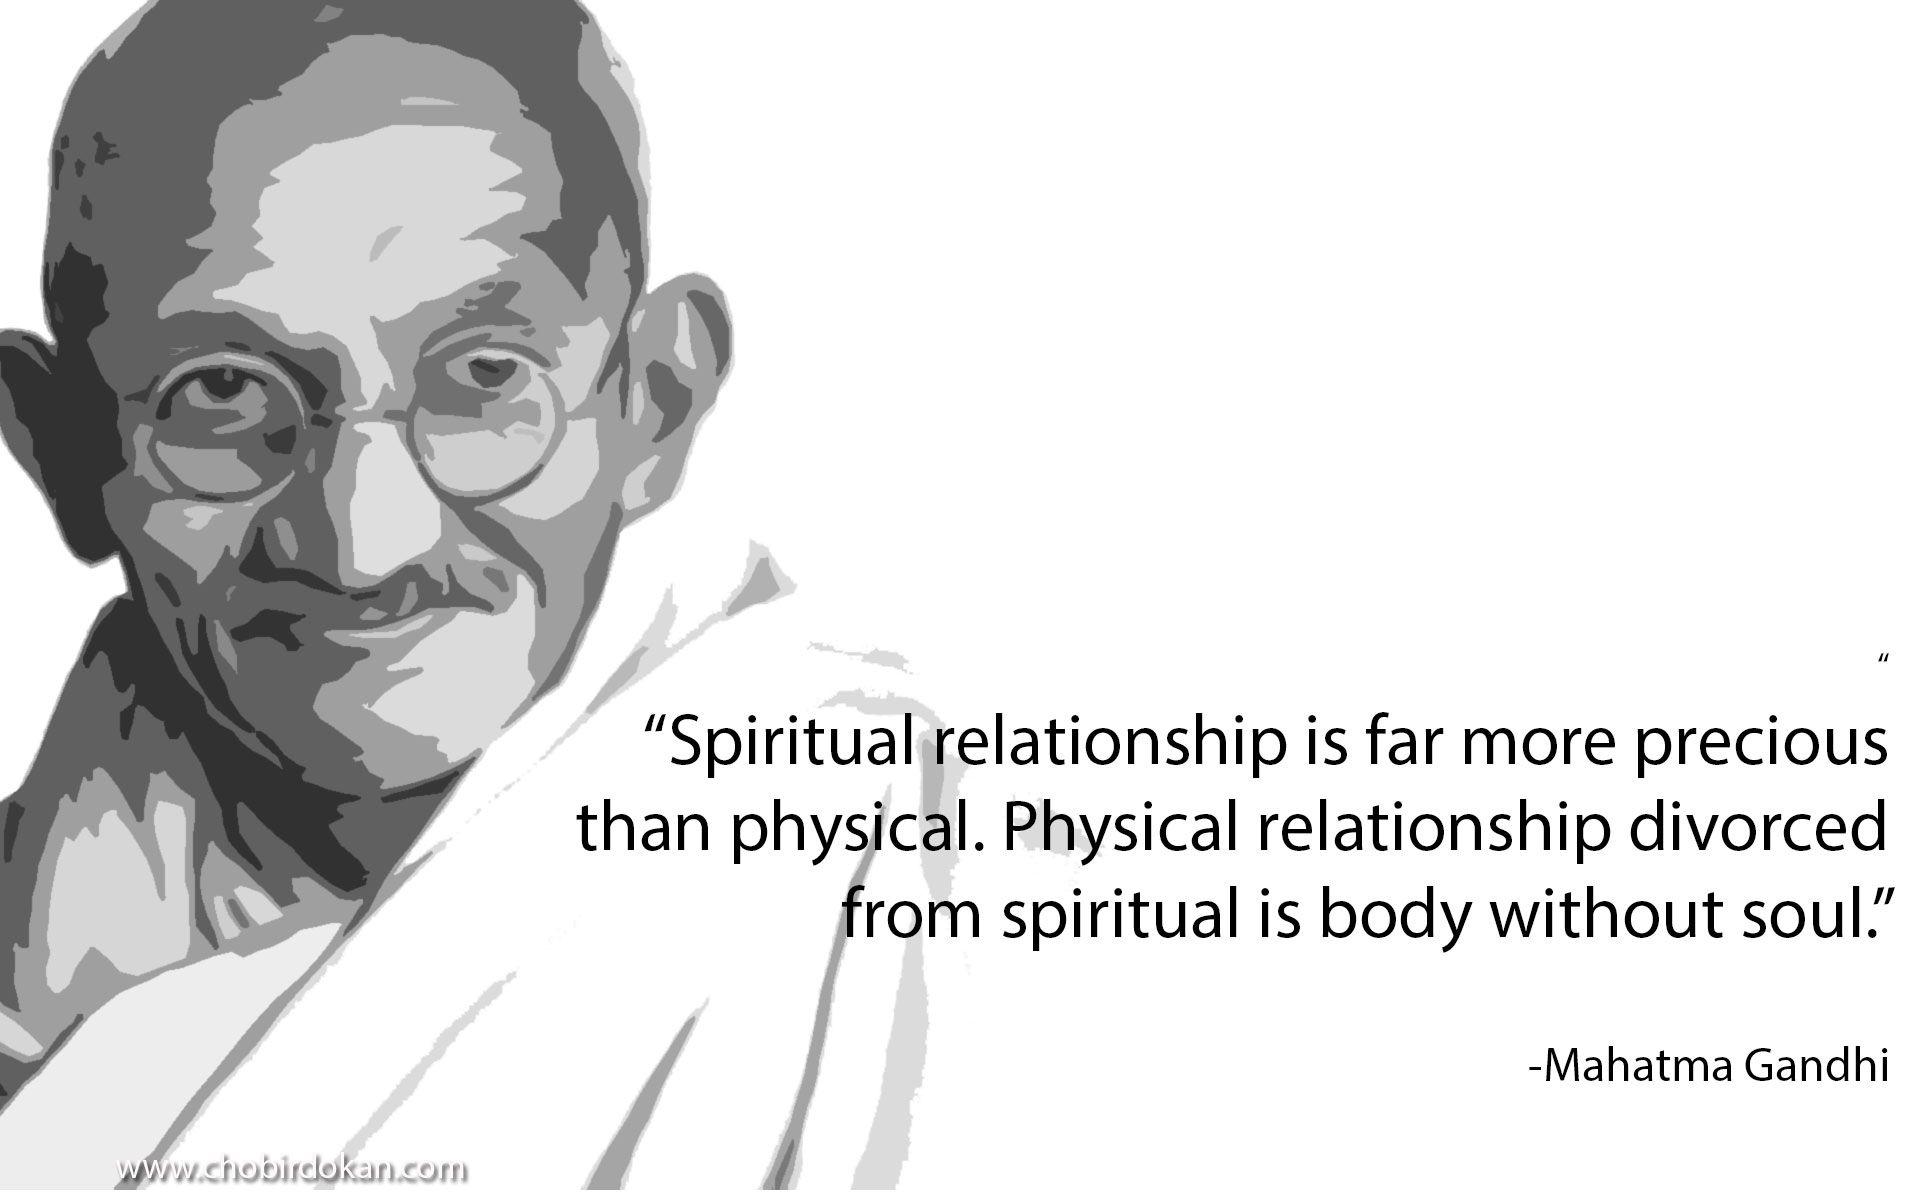 Best Mahatma Gandhi Quotes On Love | Cute Romantic U0026 Sad Love Quotes Images  | Pinterest | Mahatma Gandhi, Shortest Quotes And Mahatma Gandhi Quotes